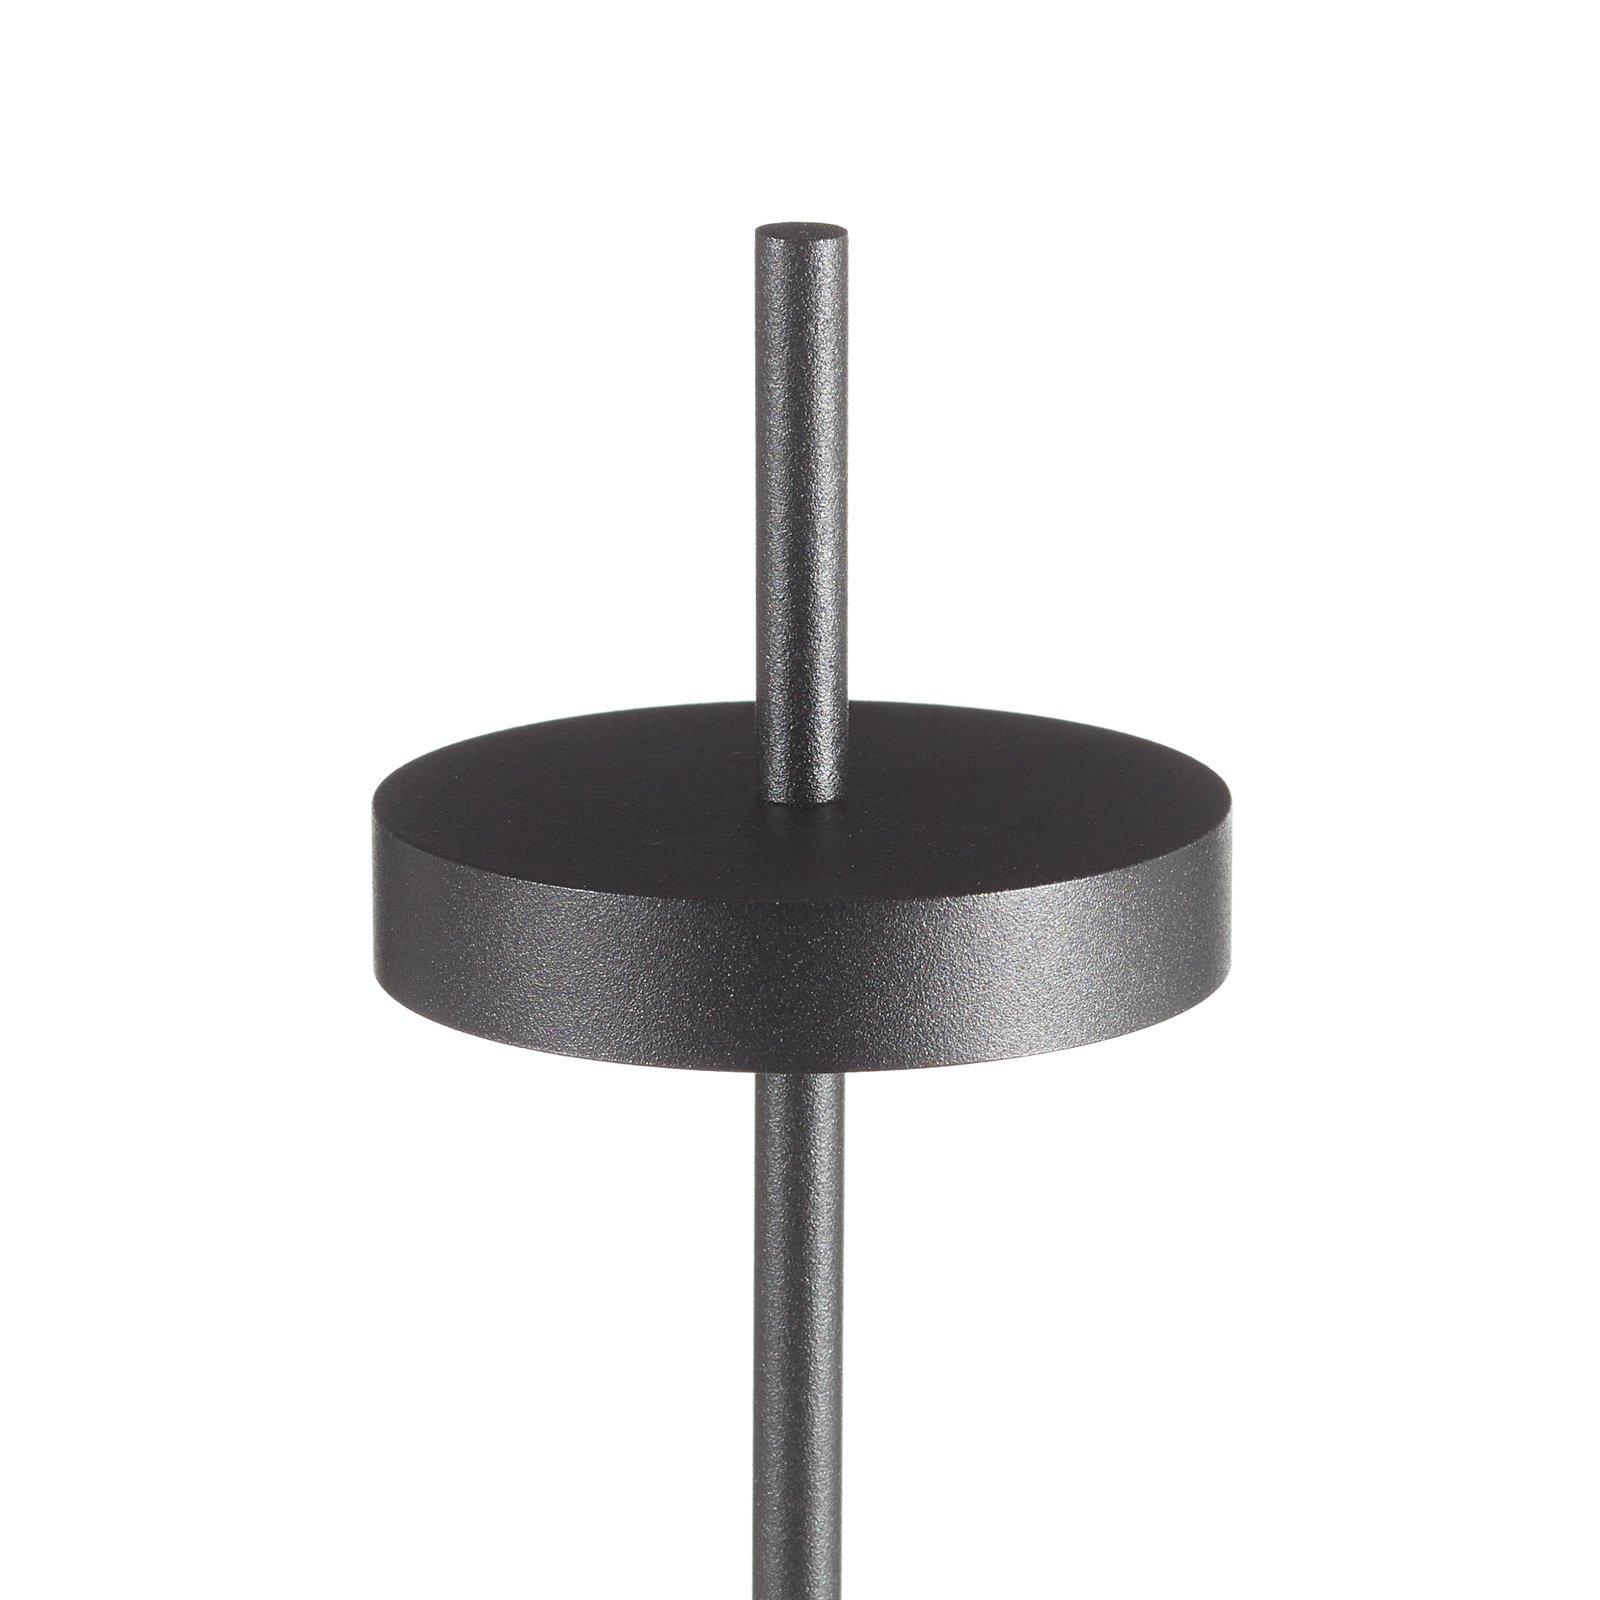 LOUM Scave LED-bordlampe sensor-dim fot hvit